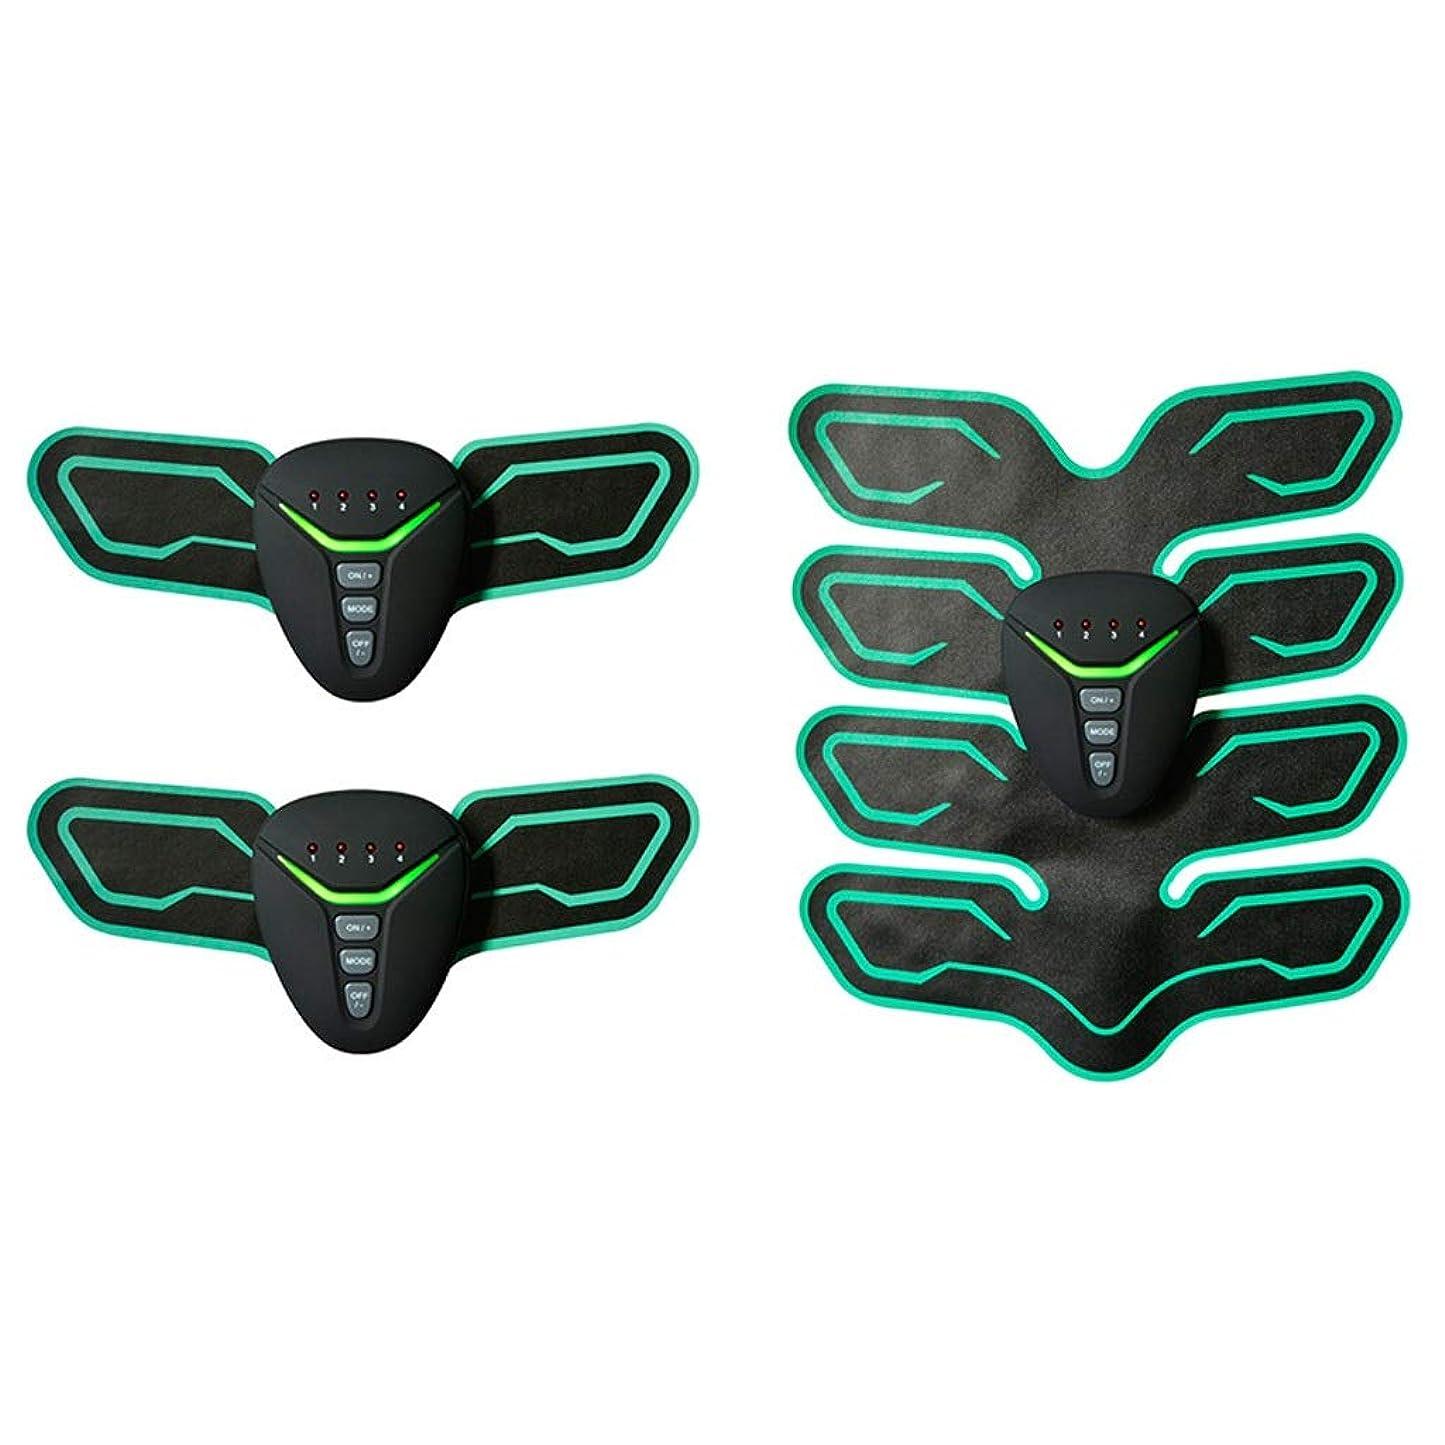 ソース真空四面体ABSトレーナーEMSマッスルスティミュレーターマッスルトナー腹部調色ベルト、ユニセックスホームオフィスエクササイズ腹筋/腕/脚体重を減らすためのトレーニングフィットネス機器